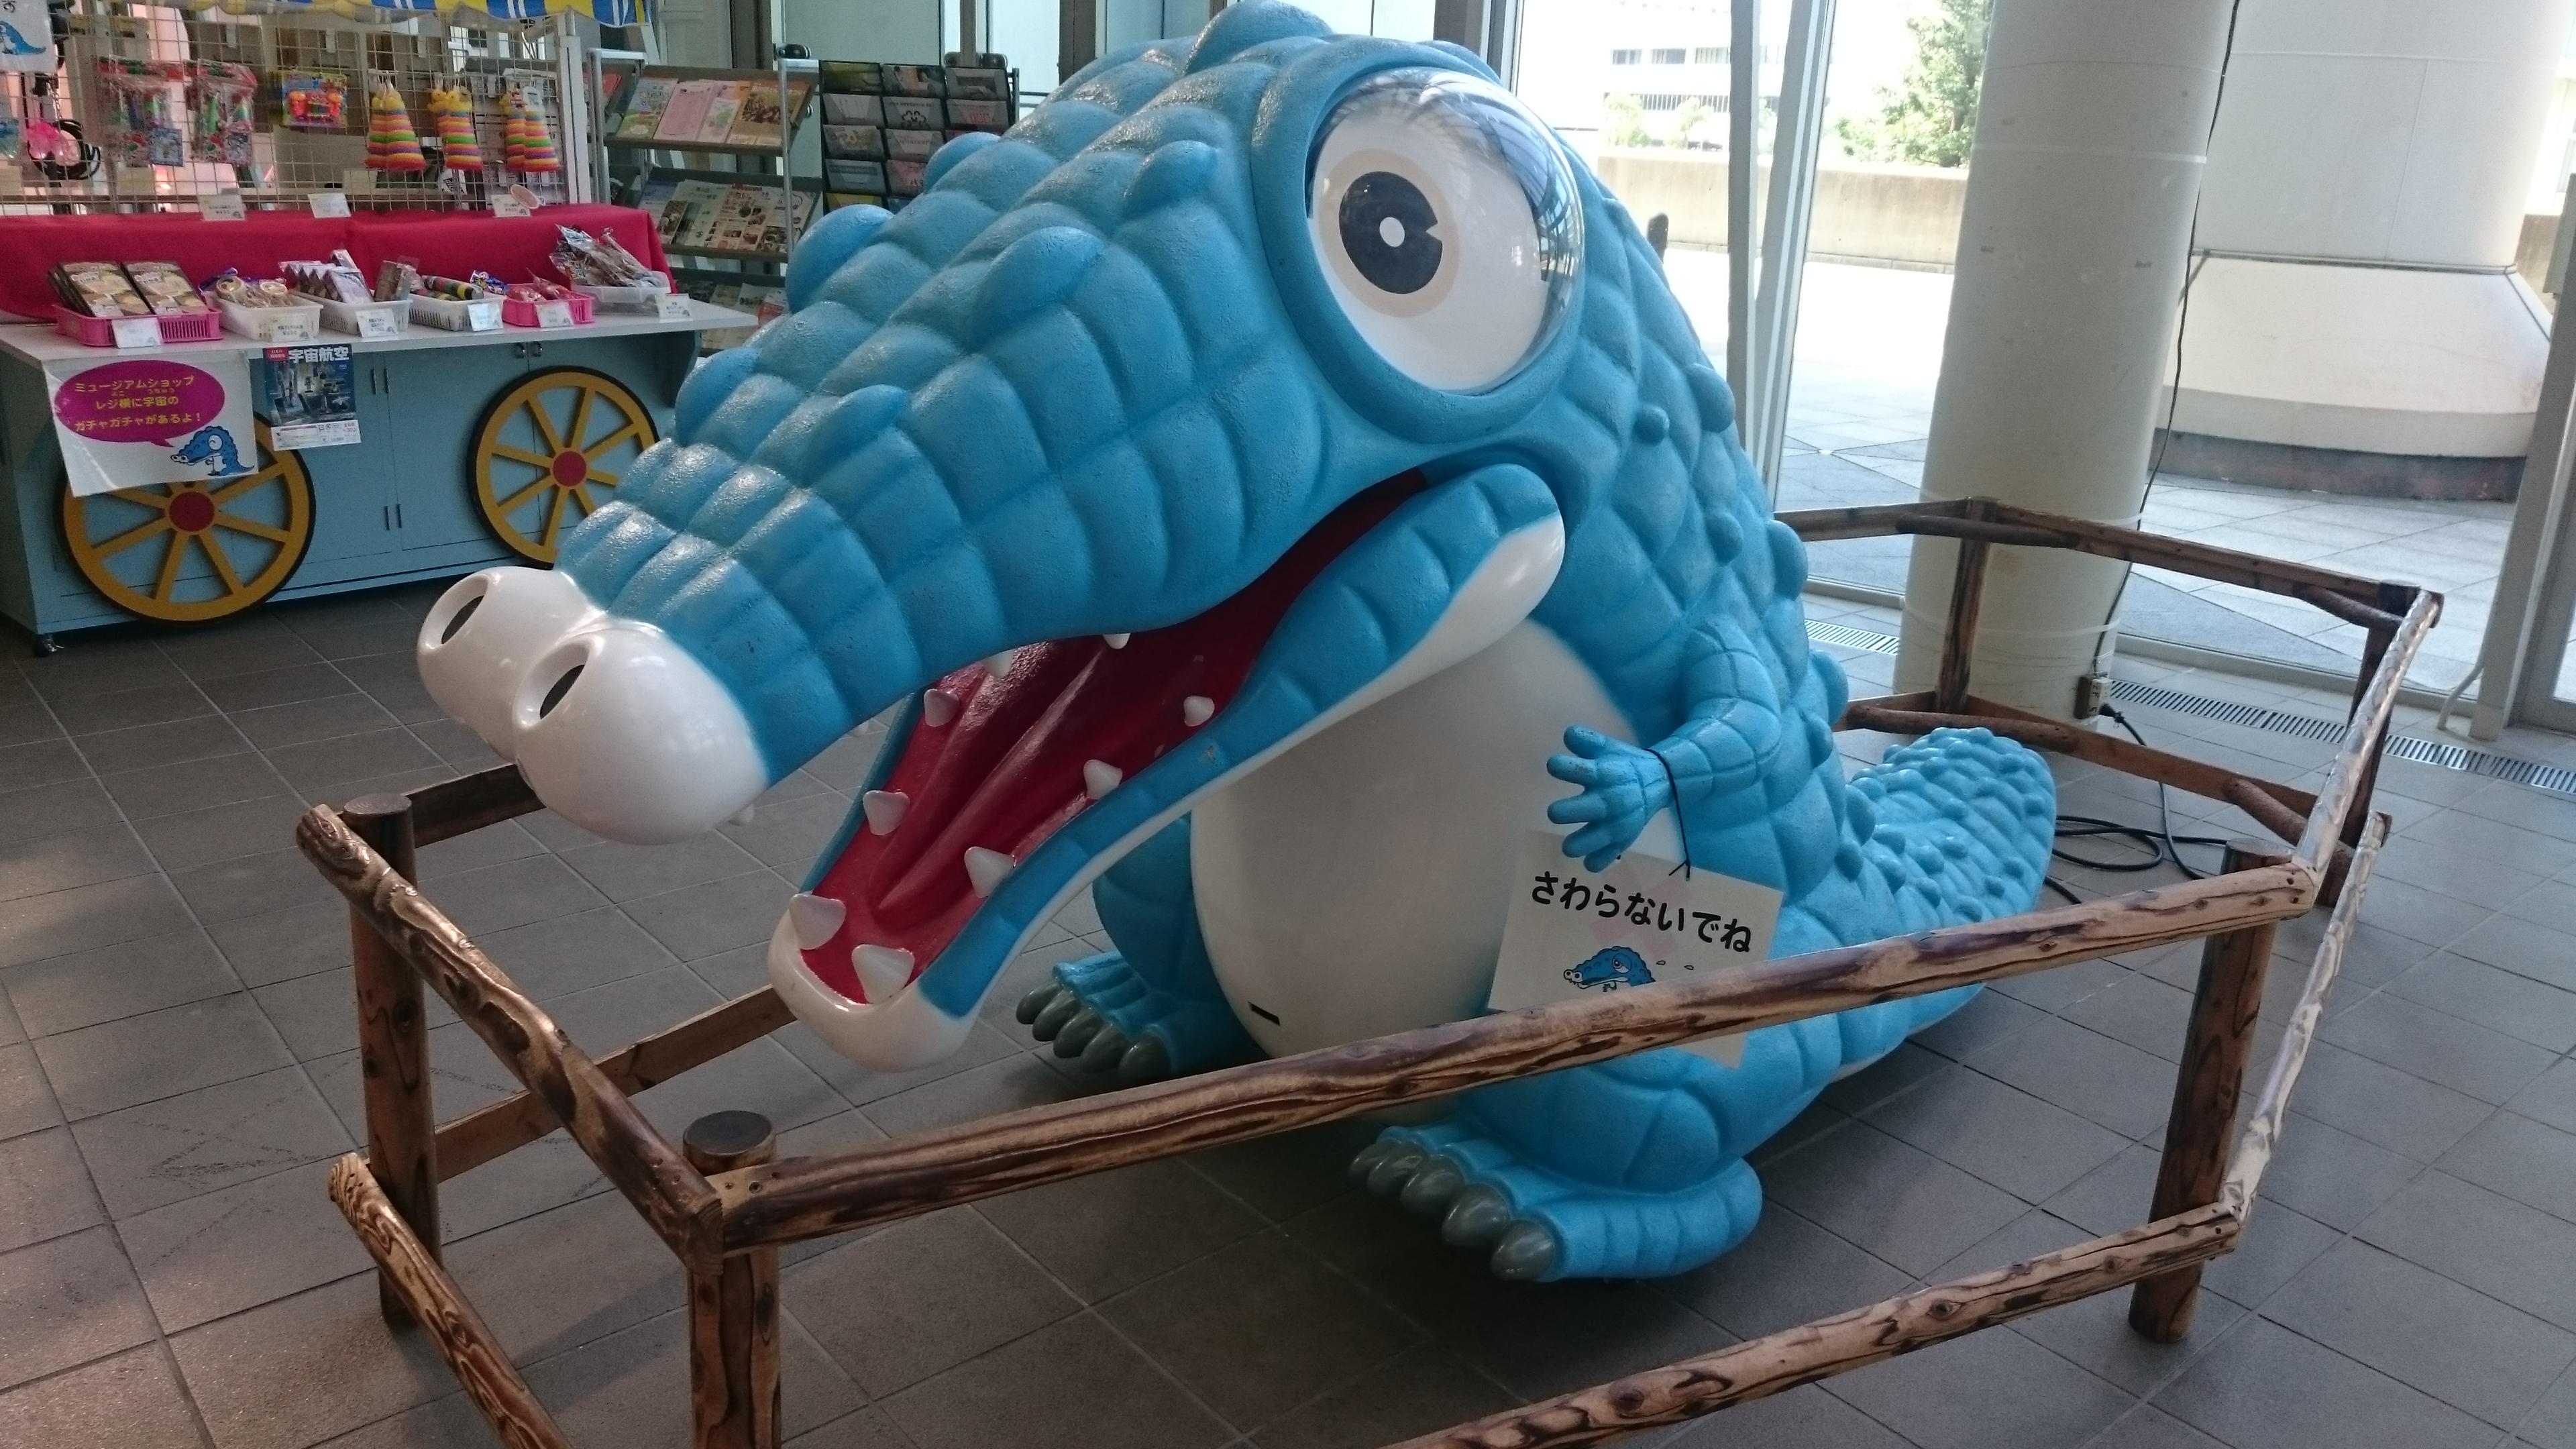 大阪府立大型児童館ビッグバン|大阪府堺市にある子どもが思いっきり遊んで楽しめる屋内施設